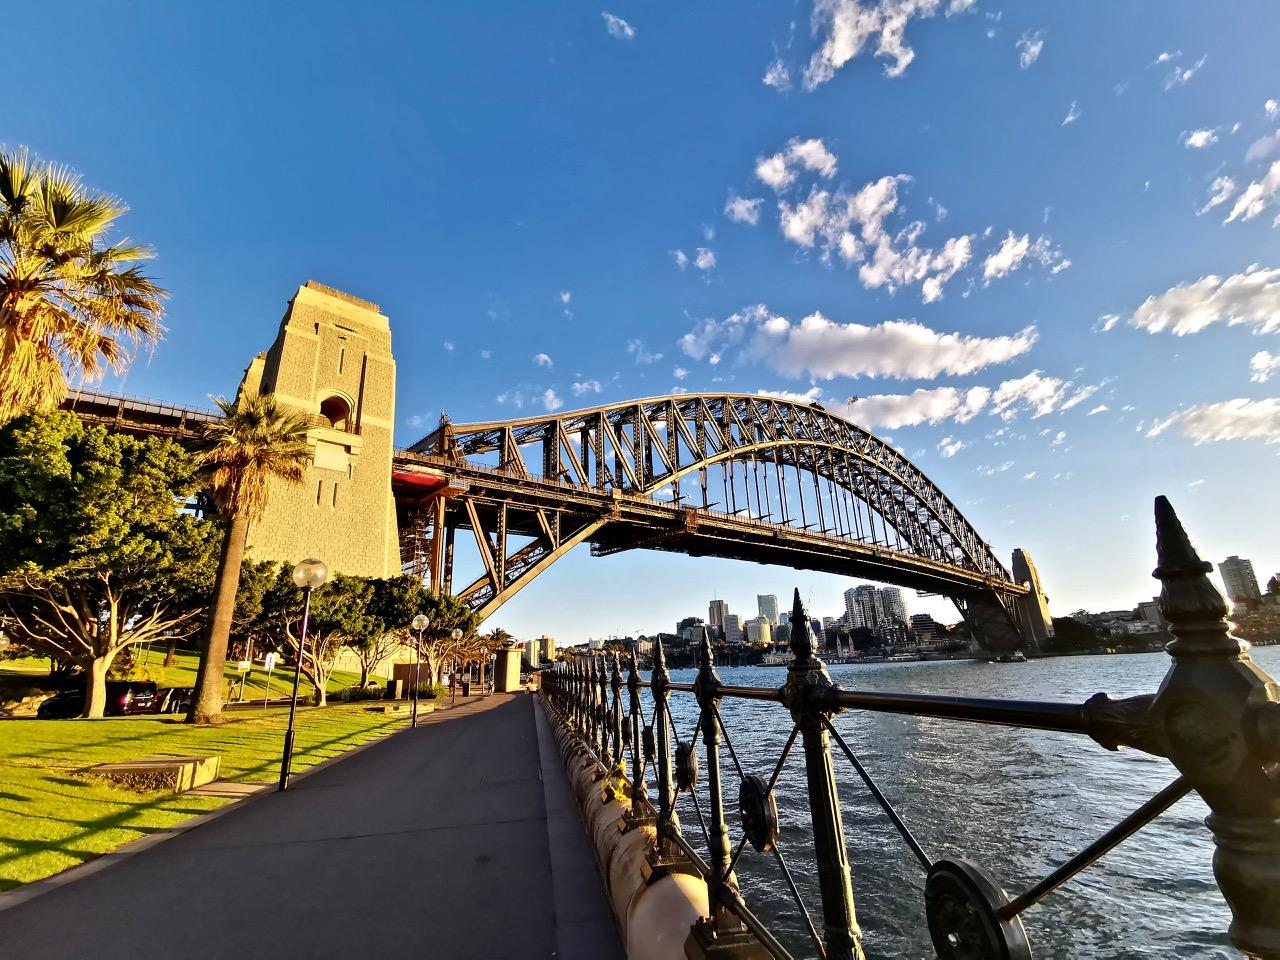 想要躲避北半球酷热的夏天,这时候来悉尼准没错 酷热难耐,别骗我,哭笑不得,想要,躲避 第4张图片